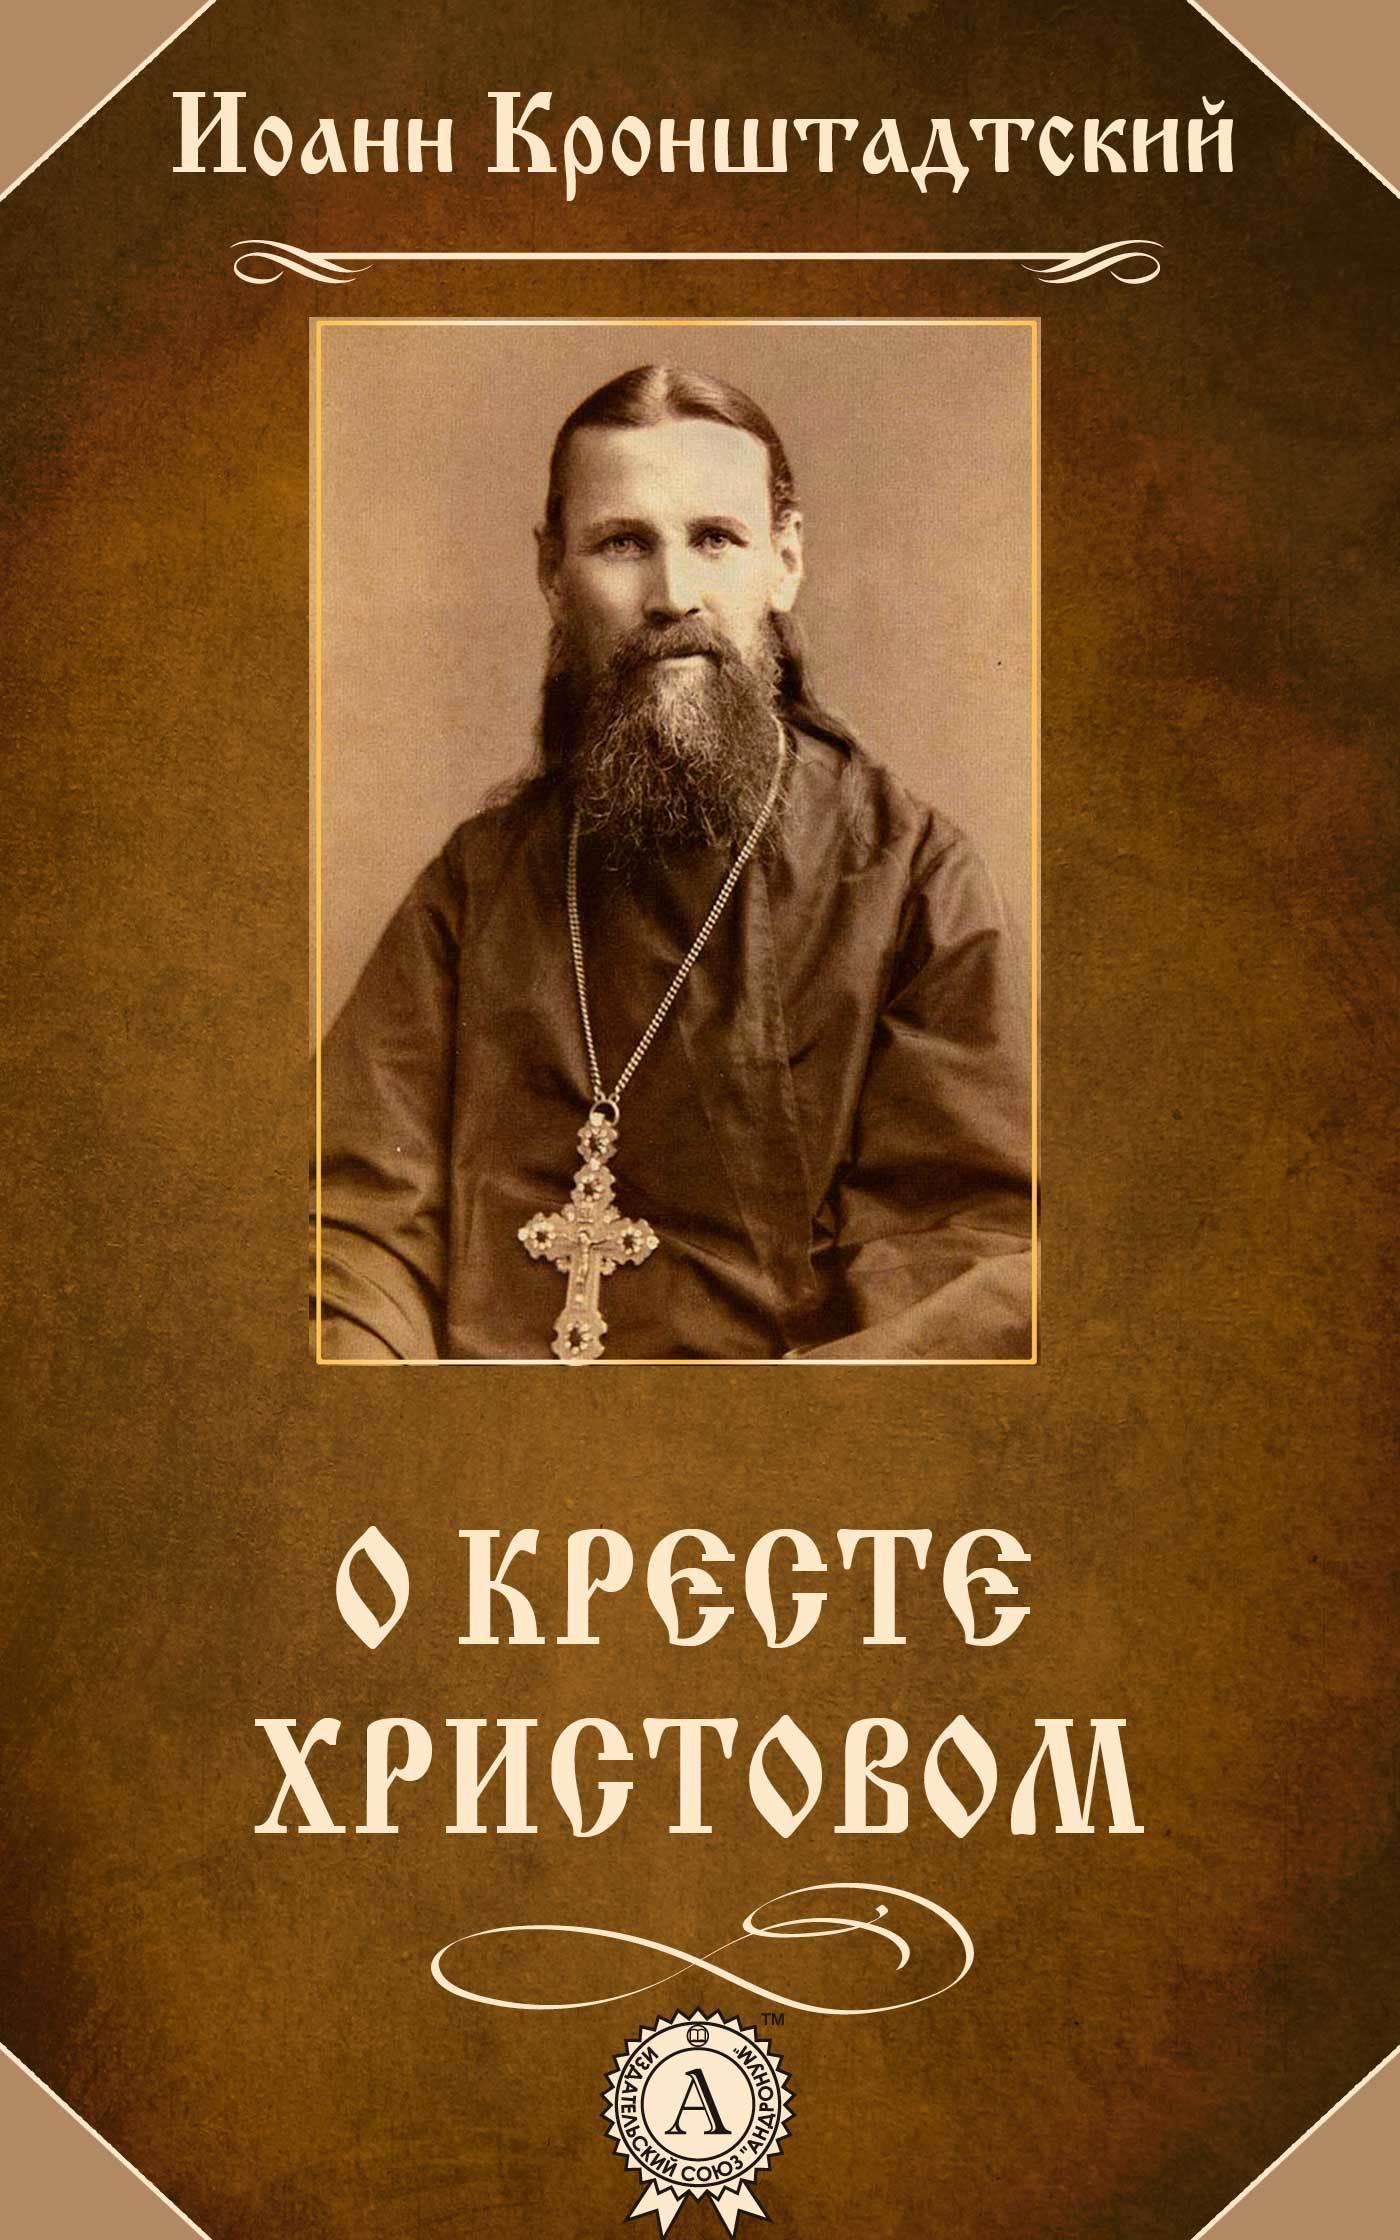 cвятой праведный Иоанн Кронштадтский О Кресте Христовом иоанн праведный кронштадтский о кресте христовом